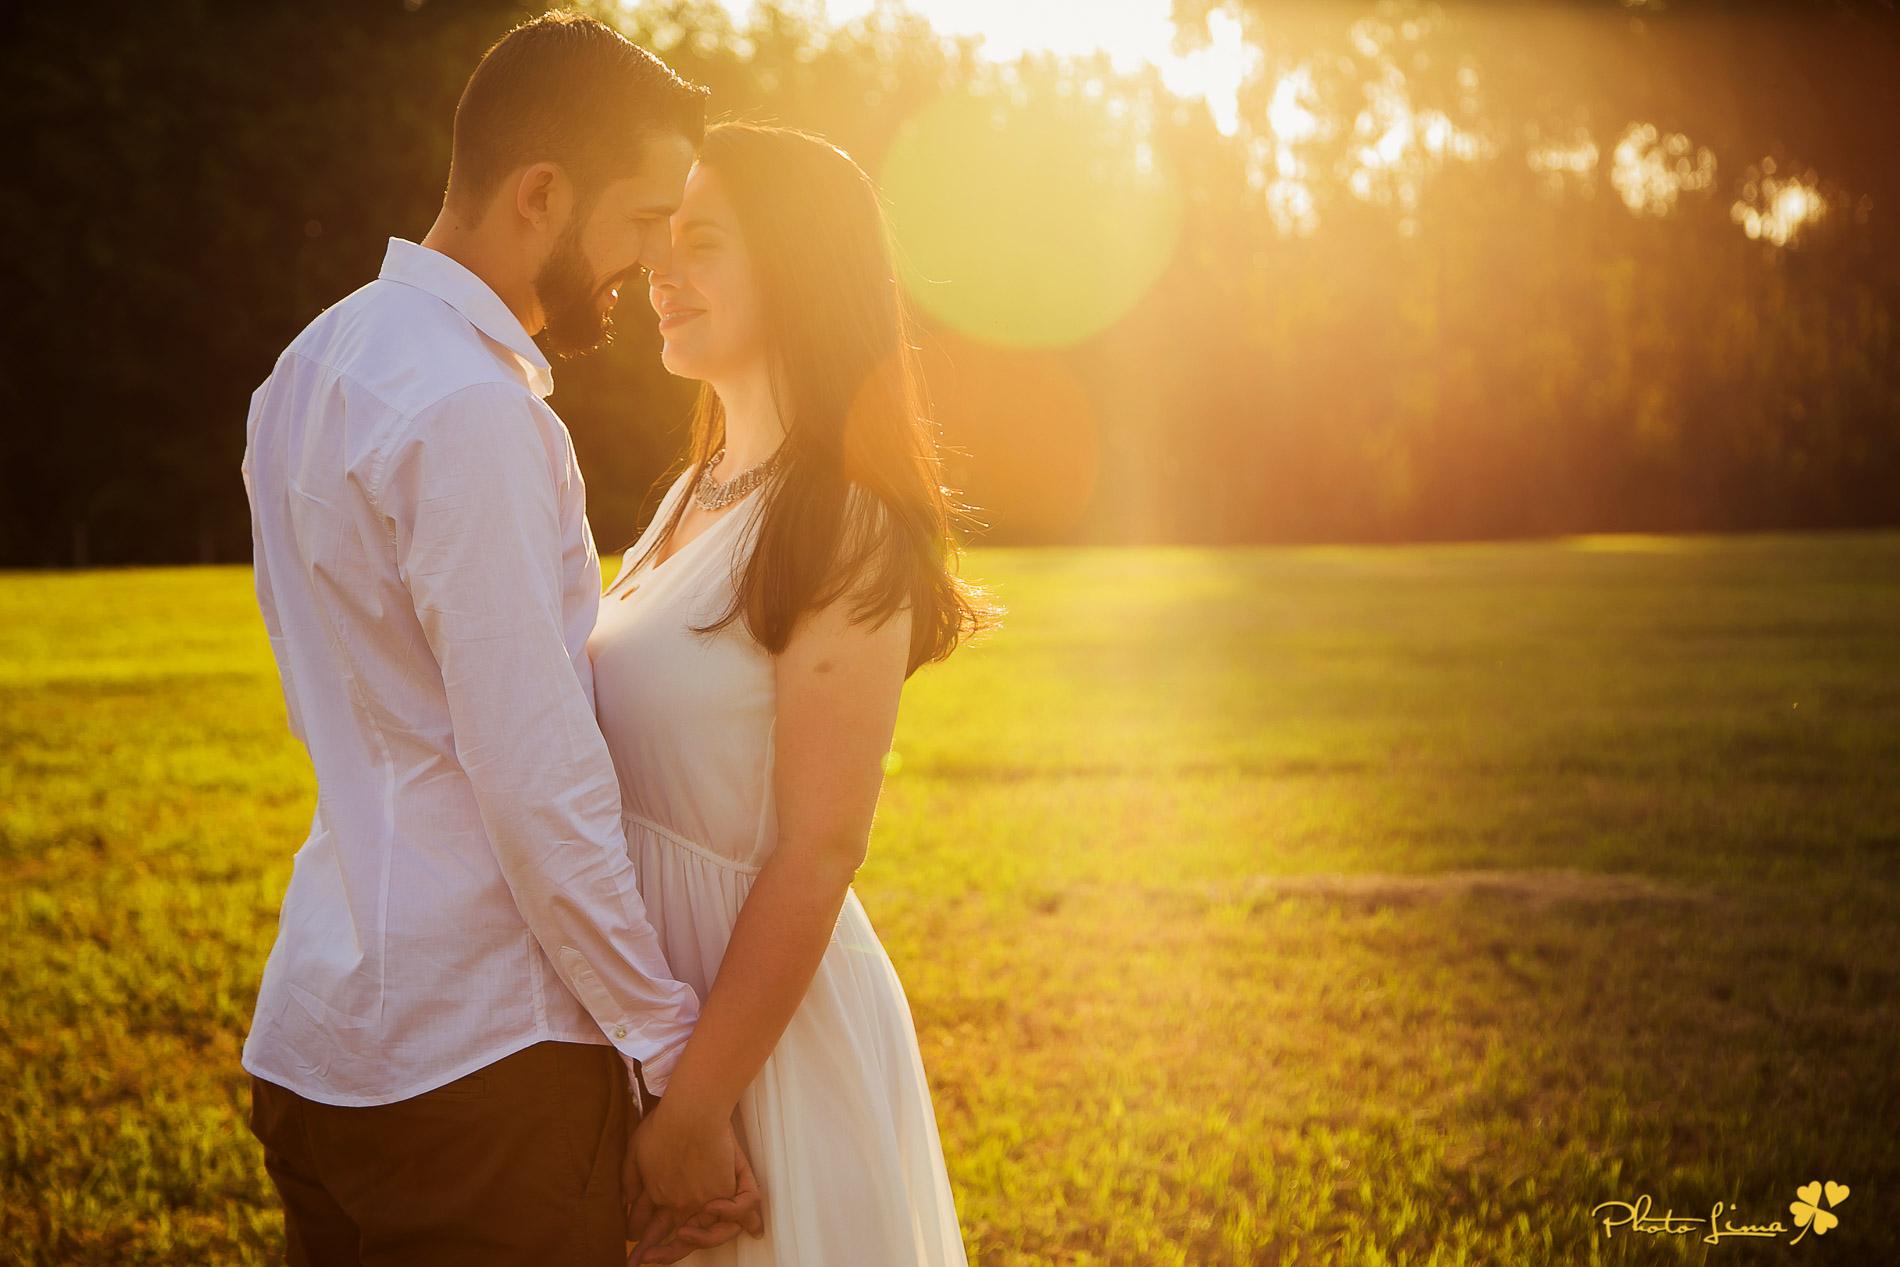 Contate PHOTOLIMA Fotografia de Casamento, Eventos e Retratos - Mogi das Cruzes SP